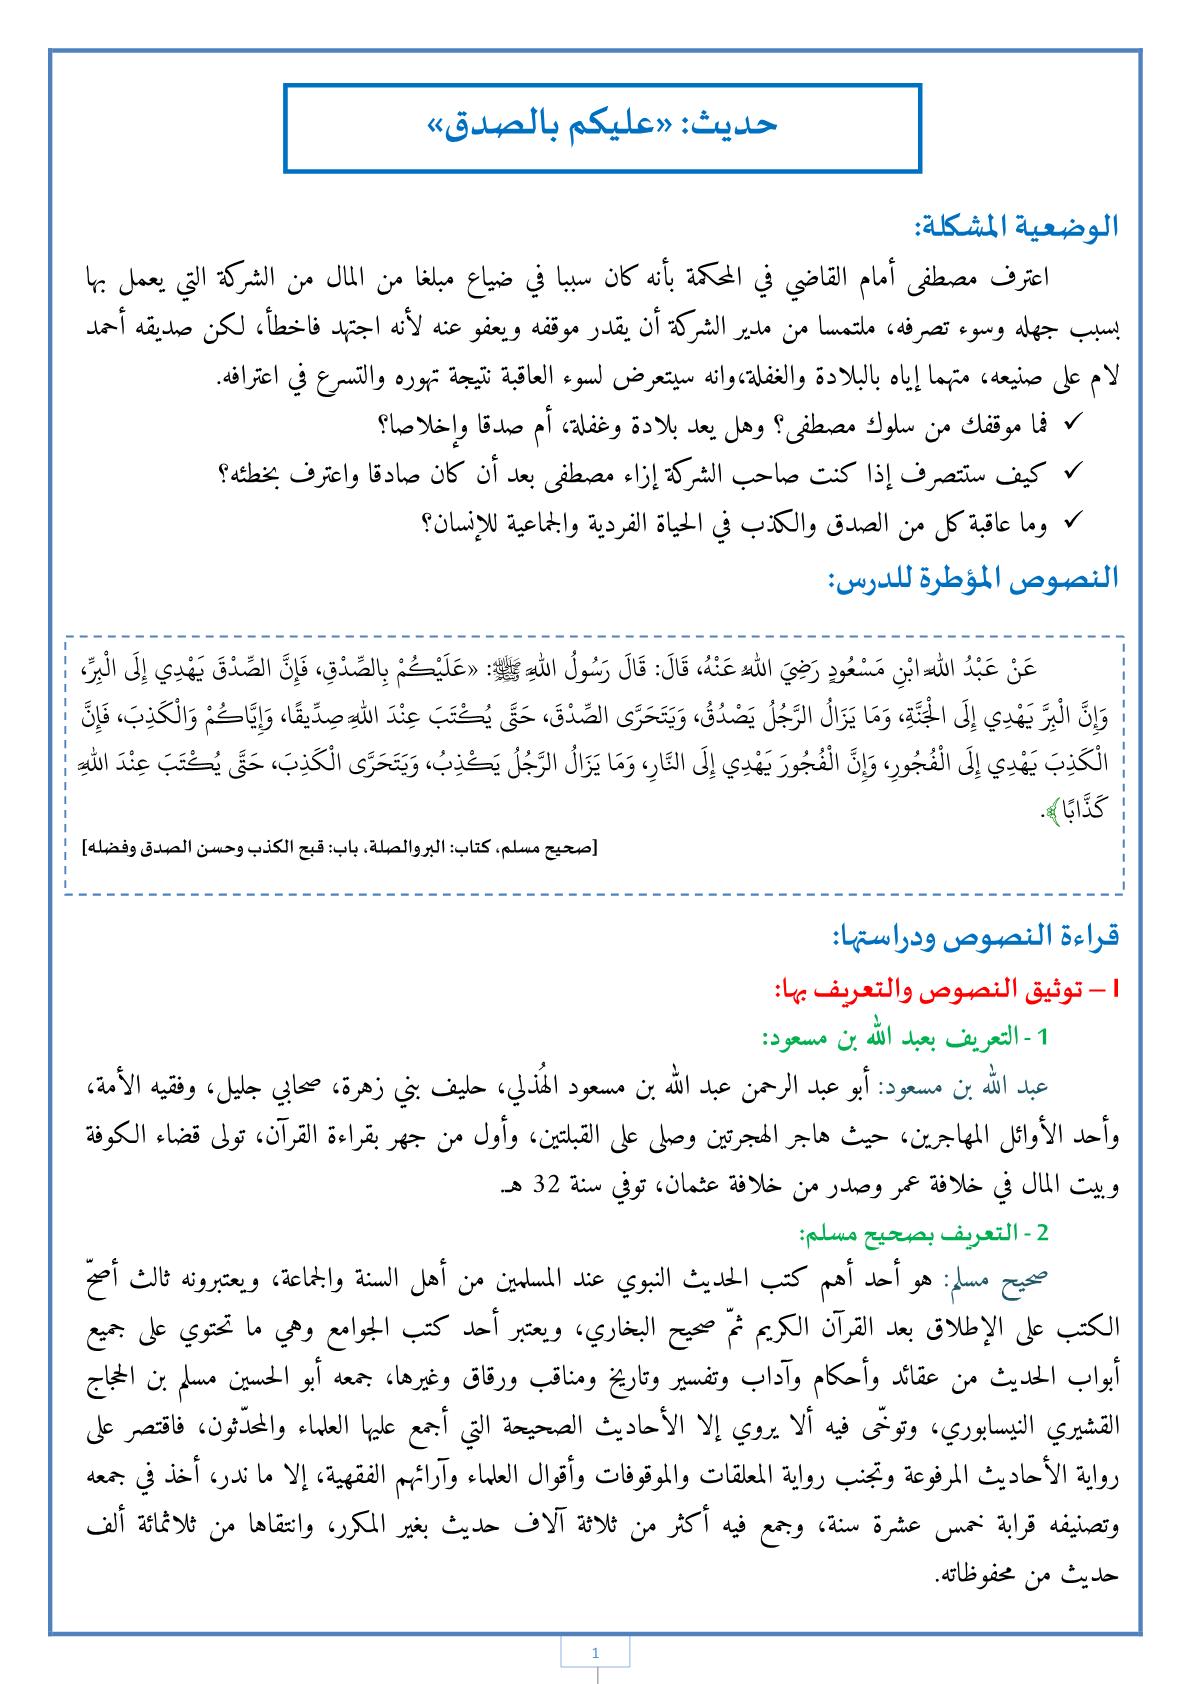 درس حديث عليكم بالصدق مادة التربية الإسلامية للسنة الأولى إعدادي